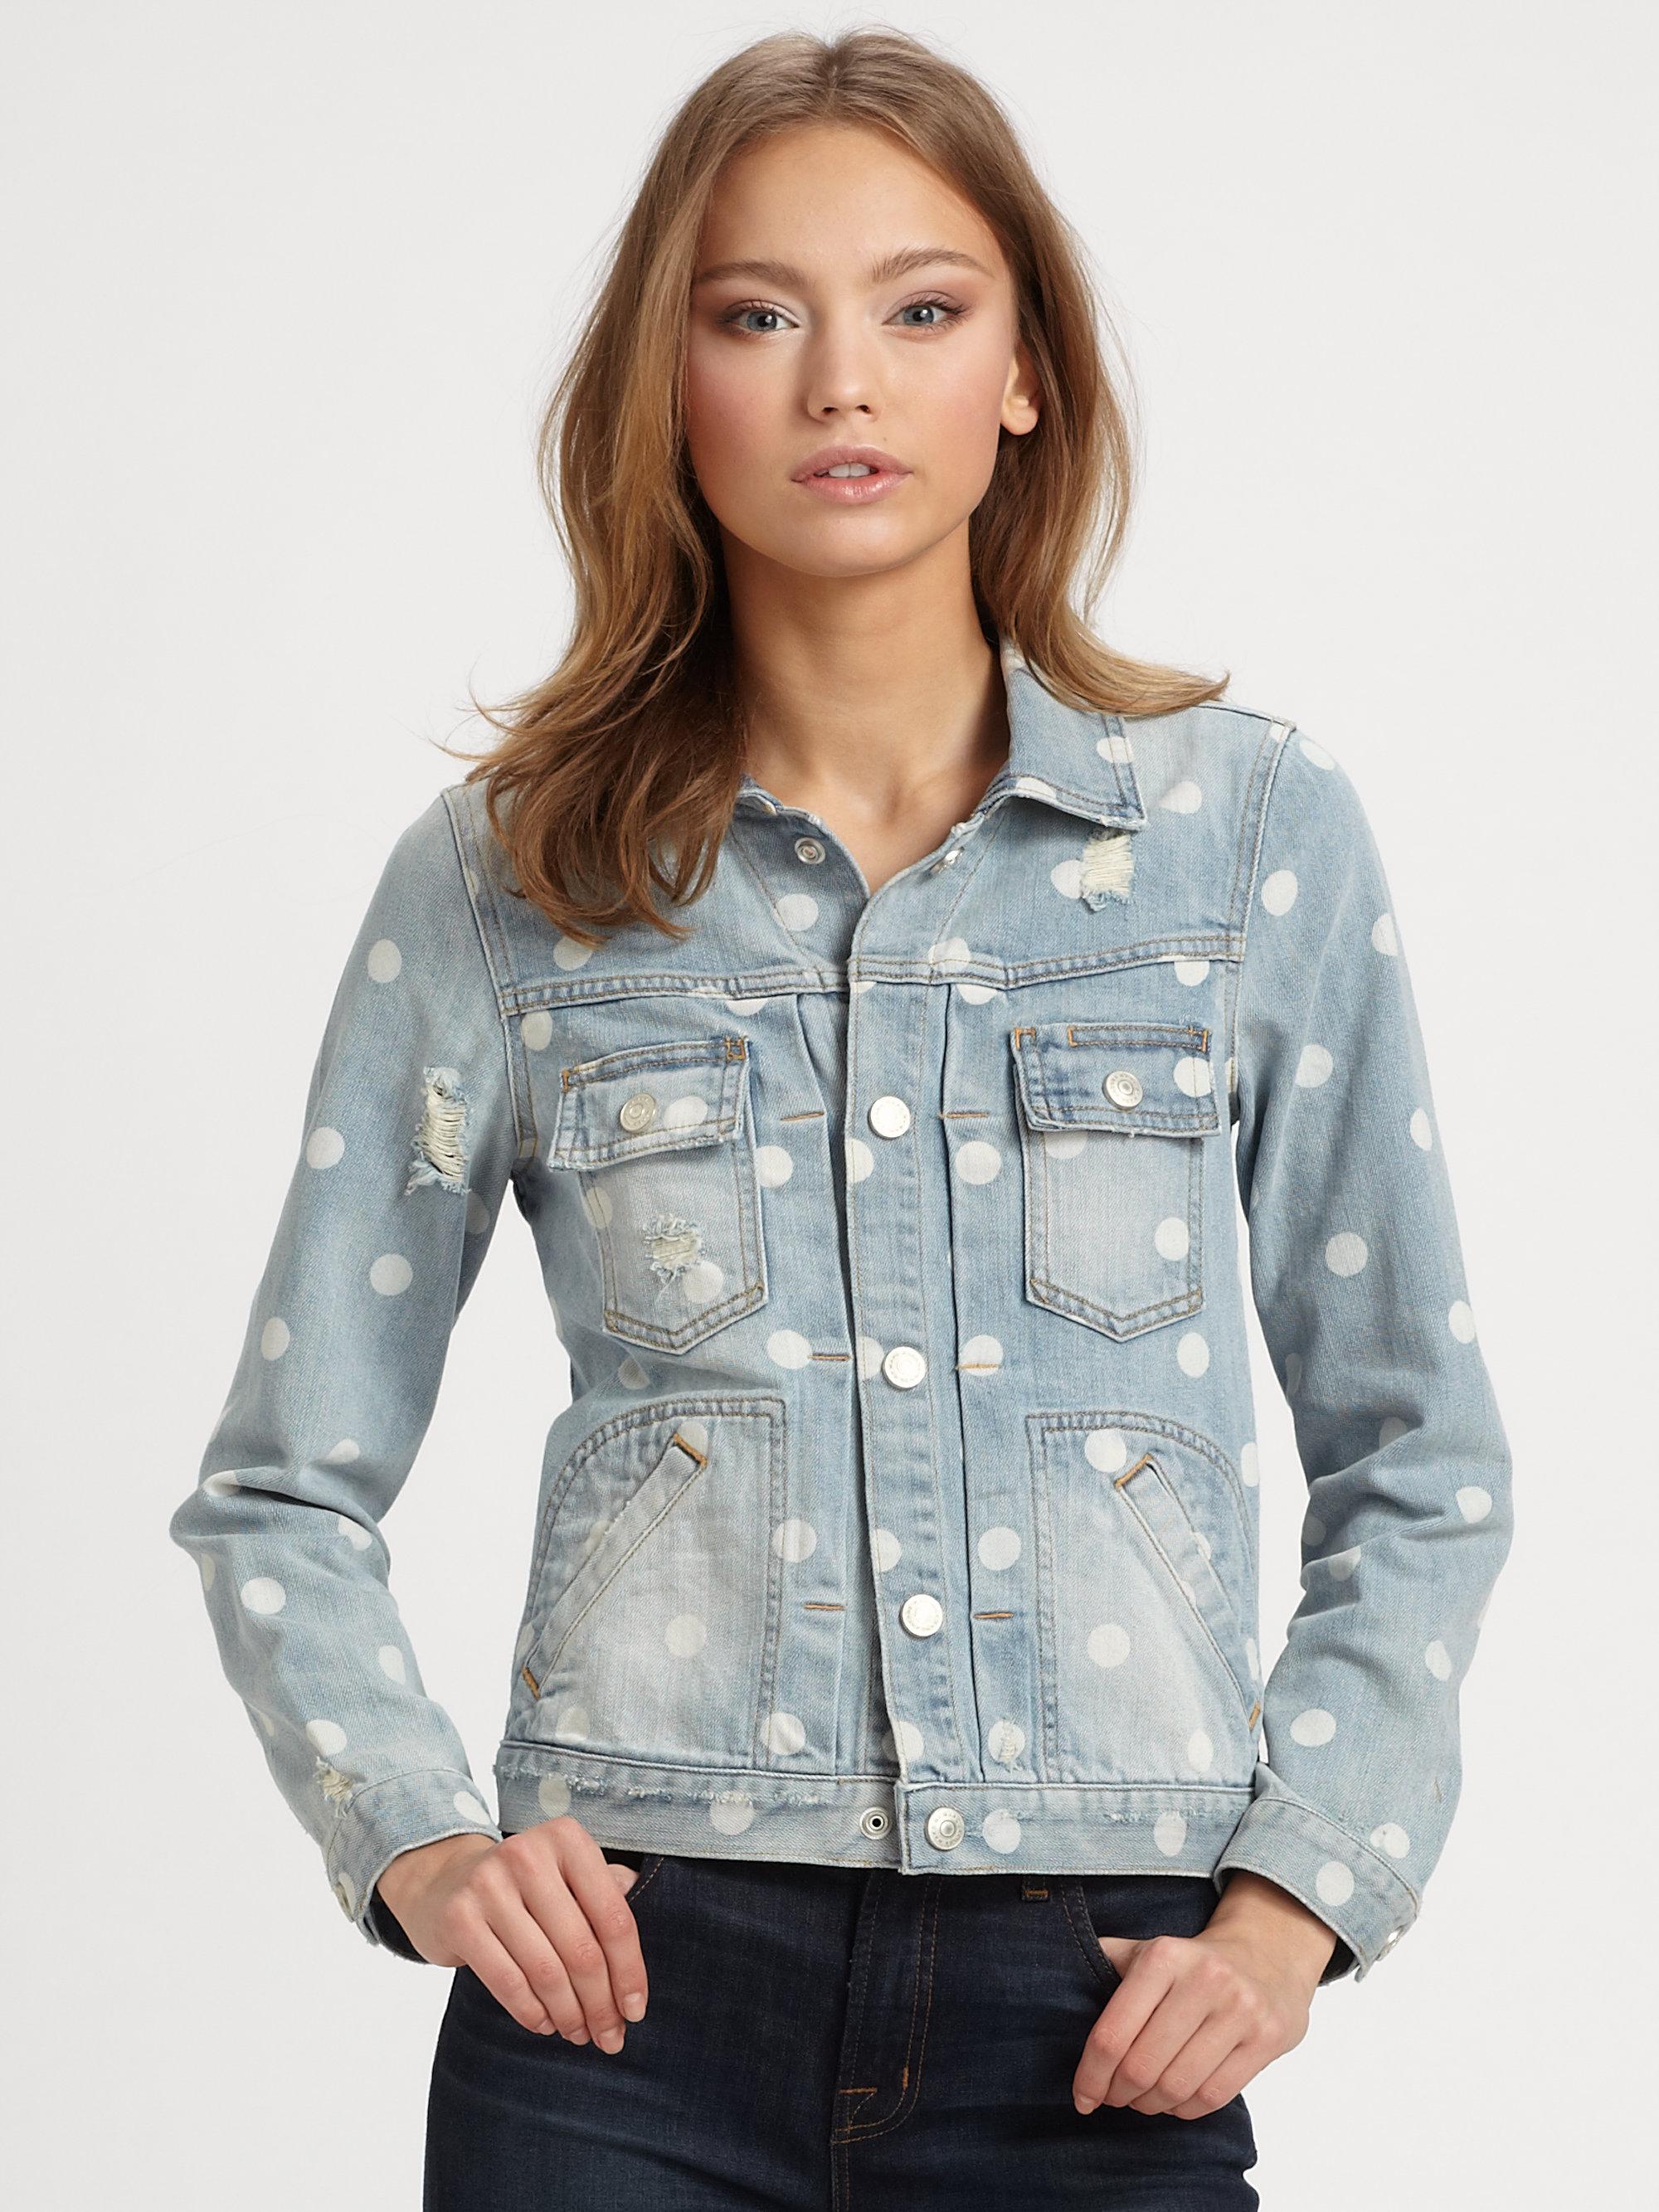 Marc jacobs jacket women